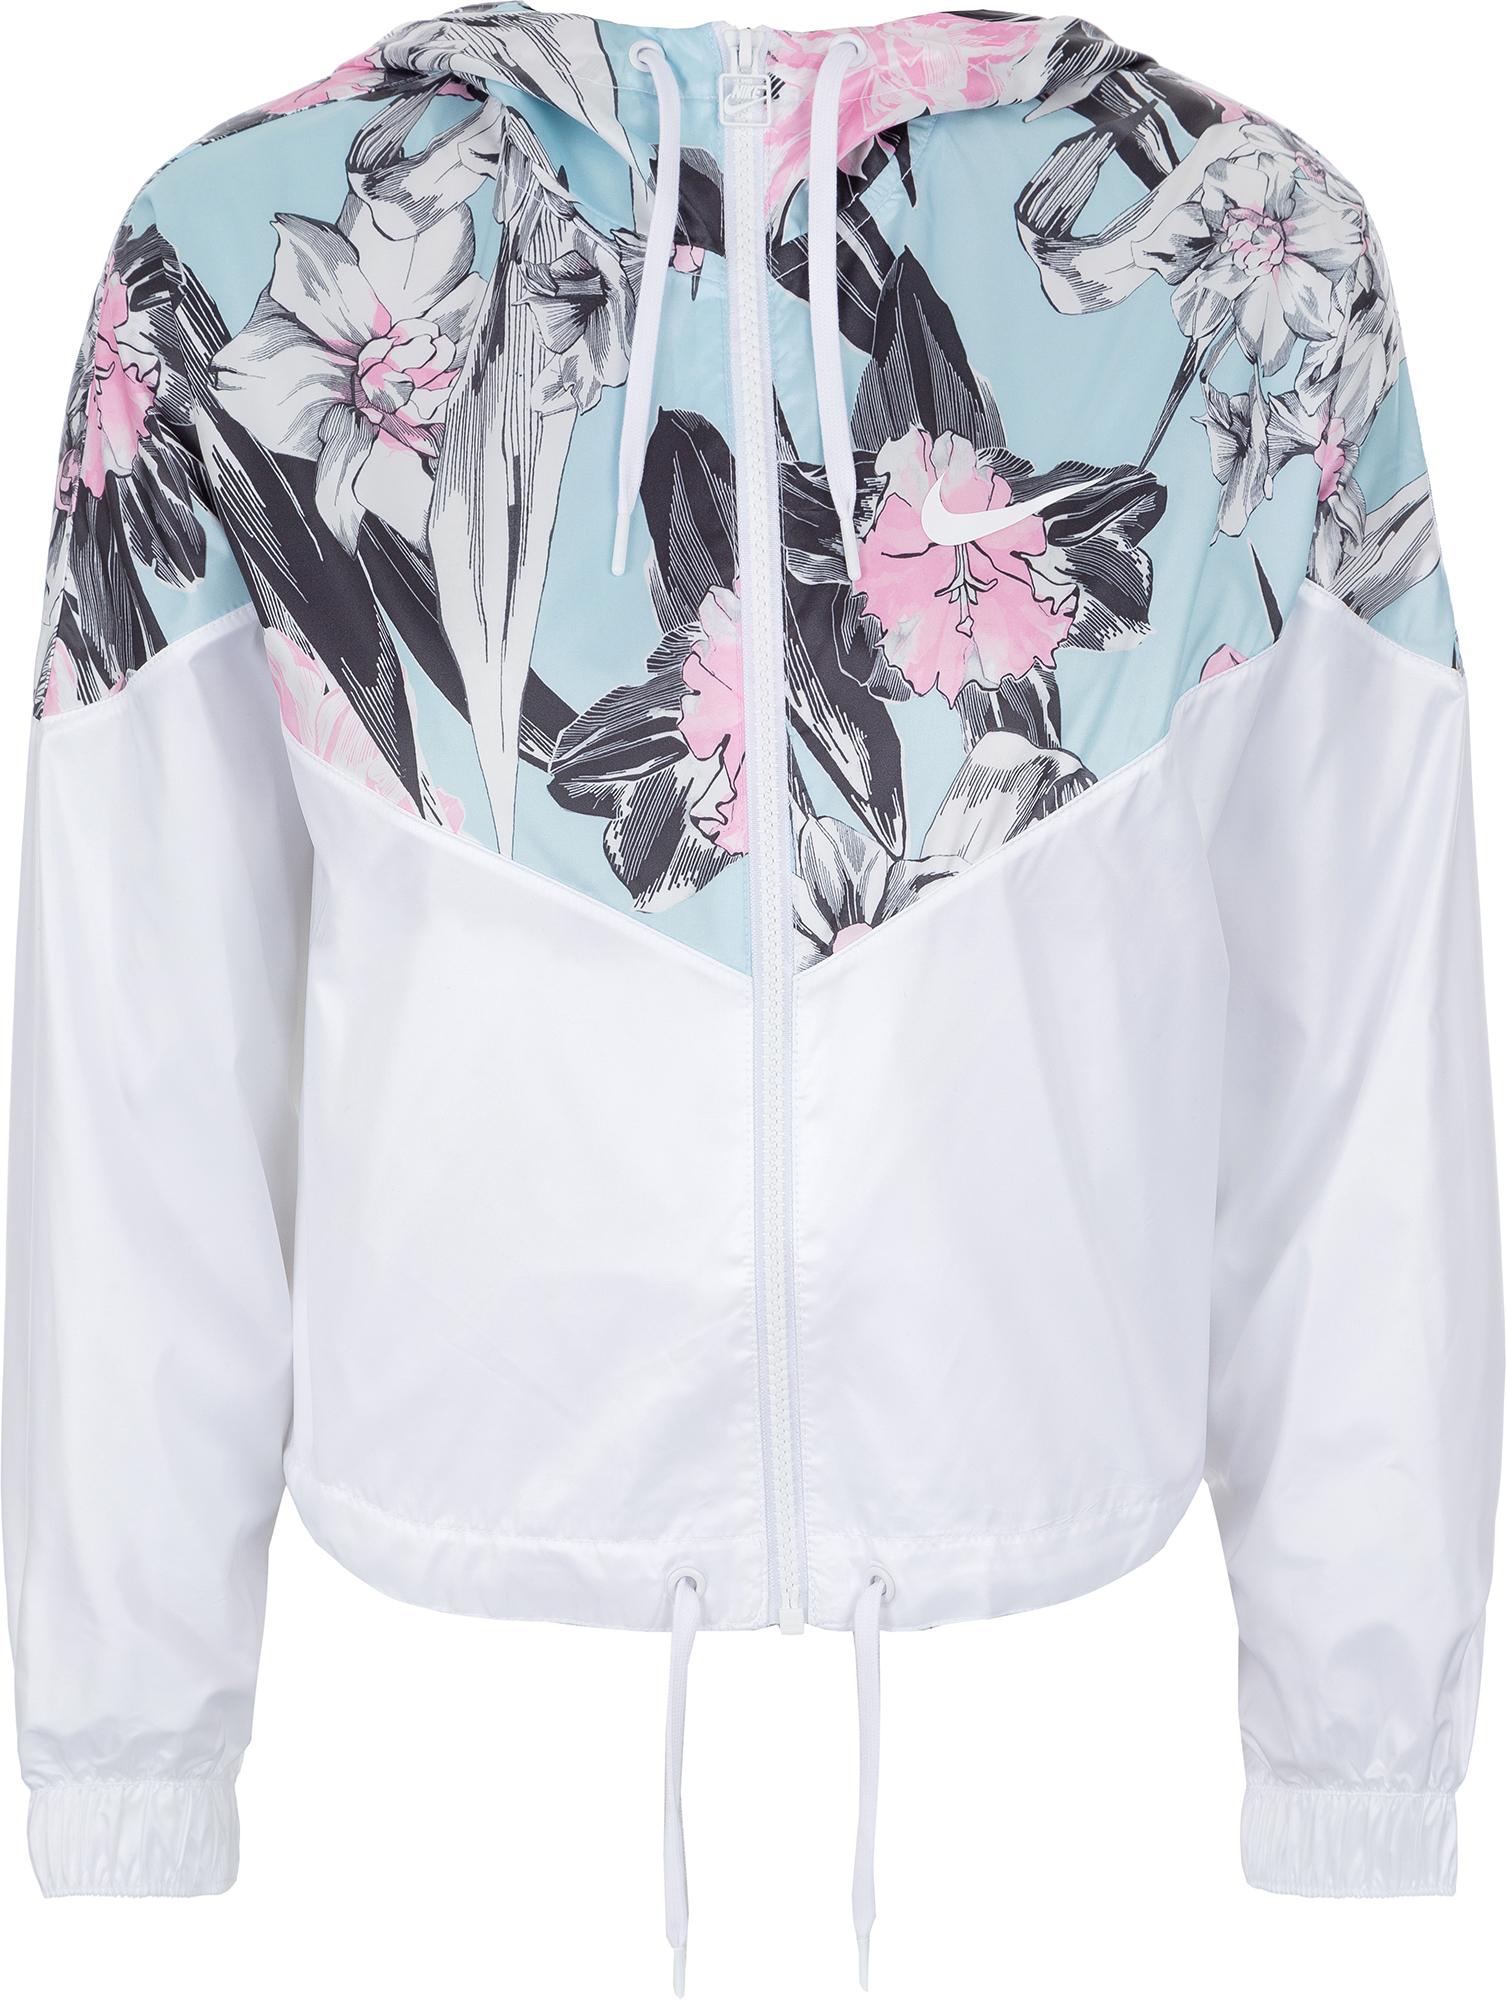 цена на Nike Ветровка женская Nike Sportswear Windrunner, размер 46-48